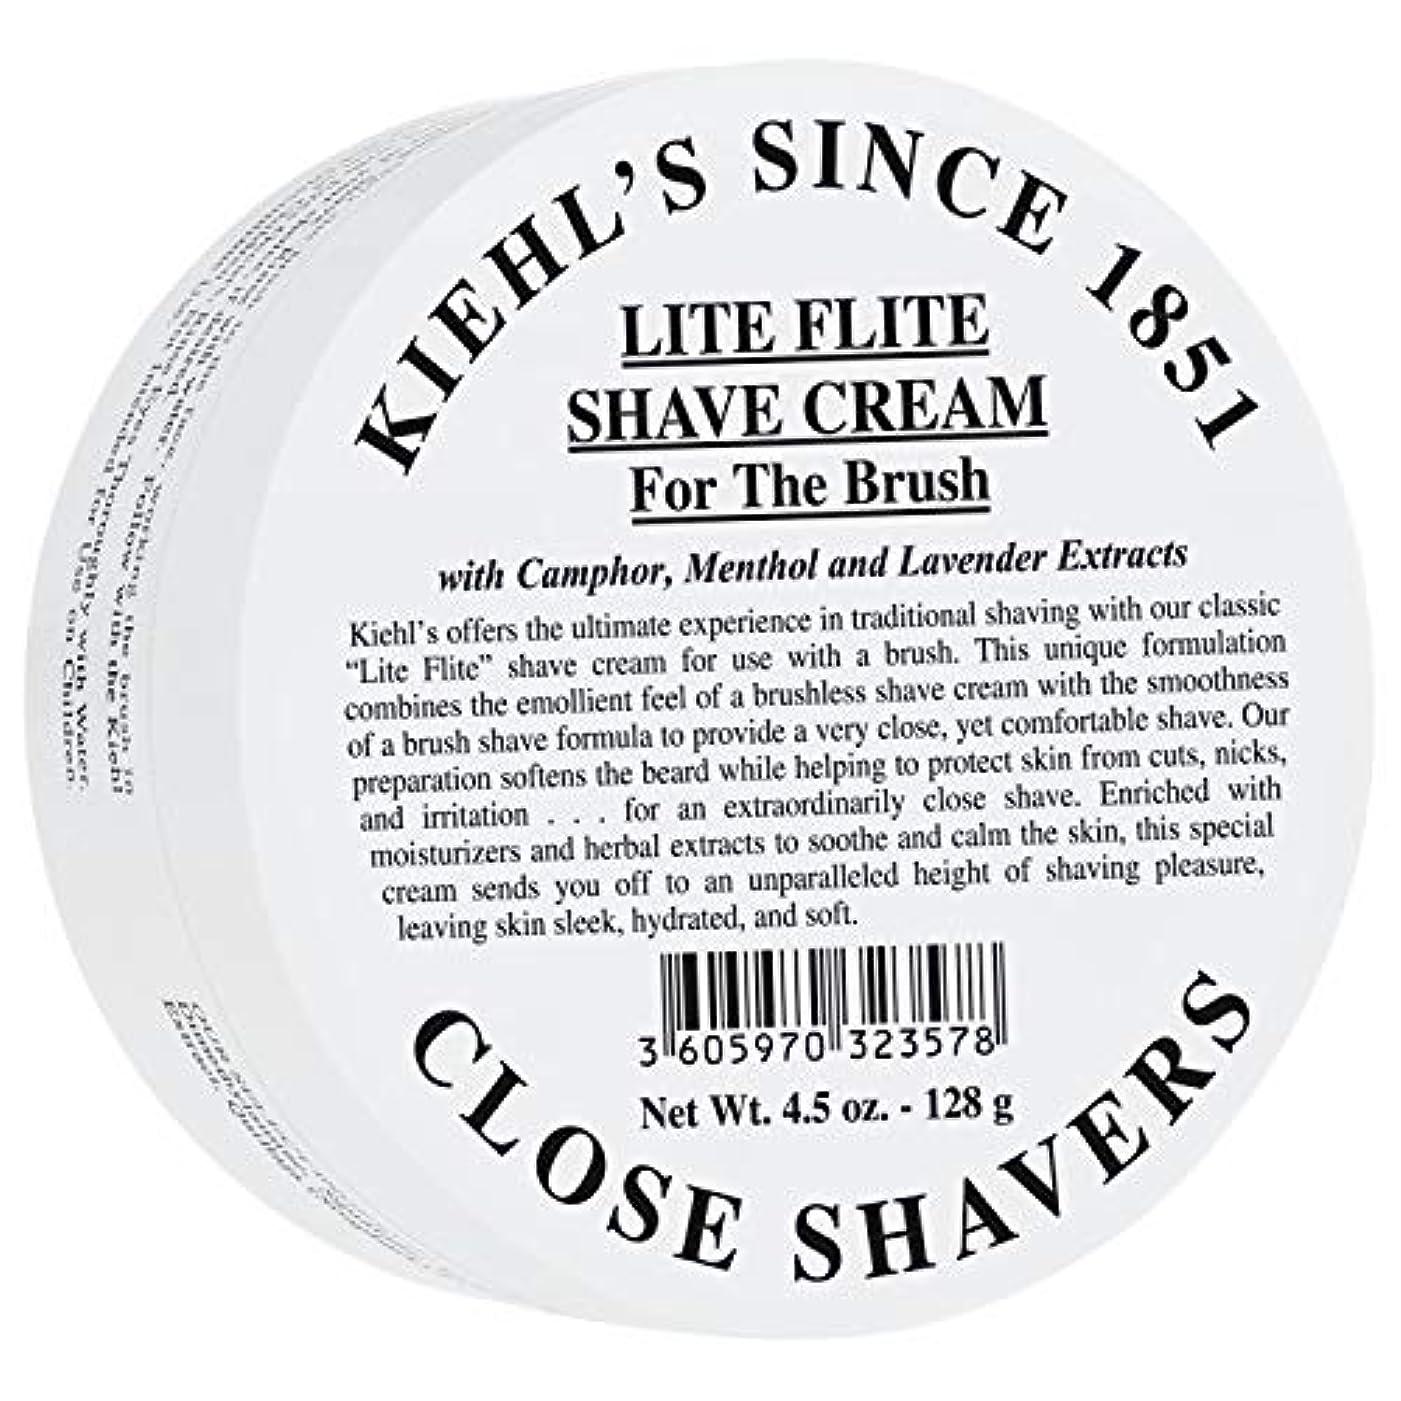 居眠りするコンドーム火山学者[Kiehl's] キールズLiteの飛行シェーブクリーム128グラム - Kiehl's Lite Flight Shave Cream 128g [並行輸入品]